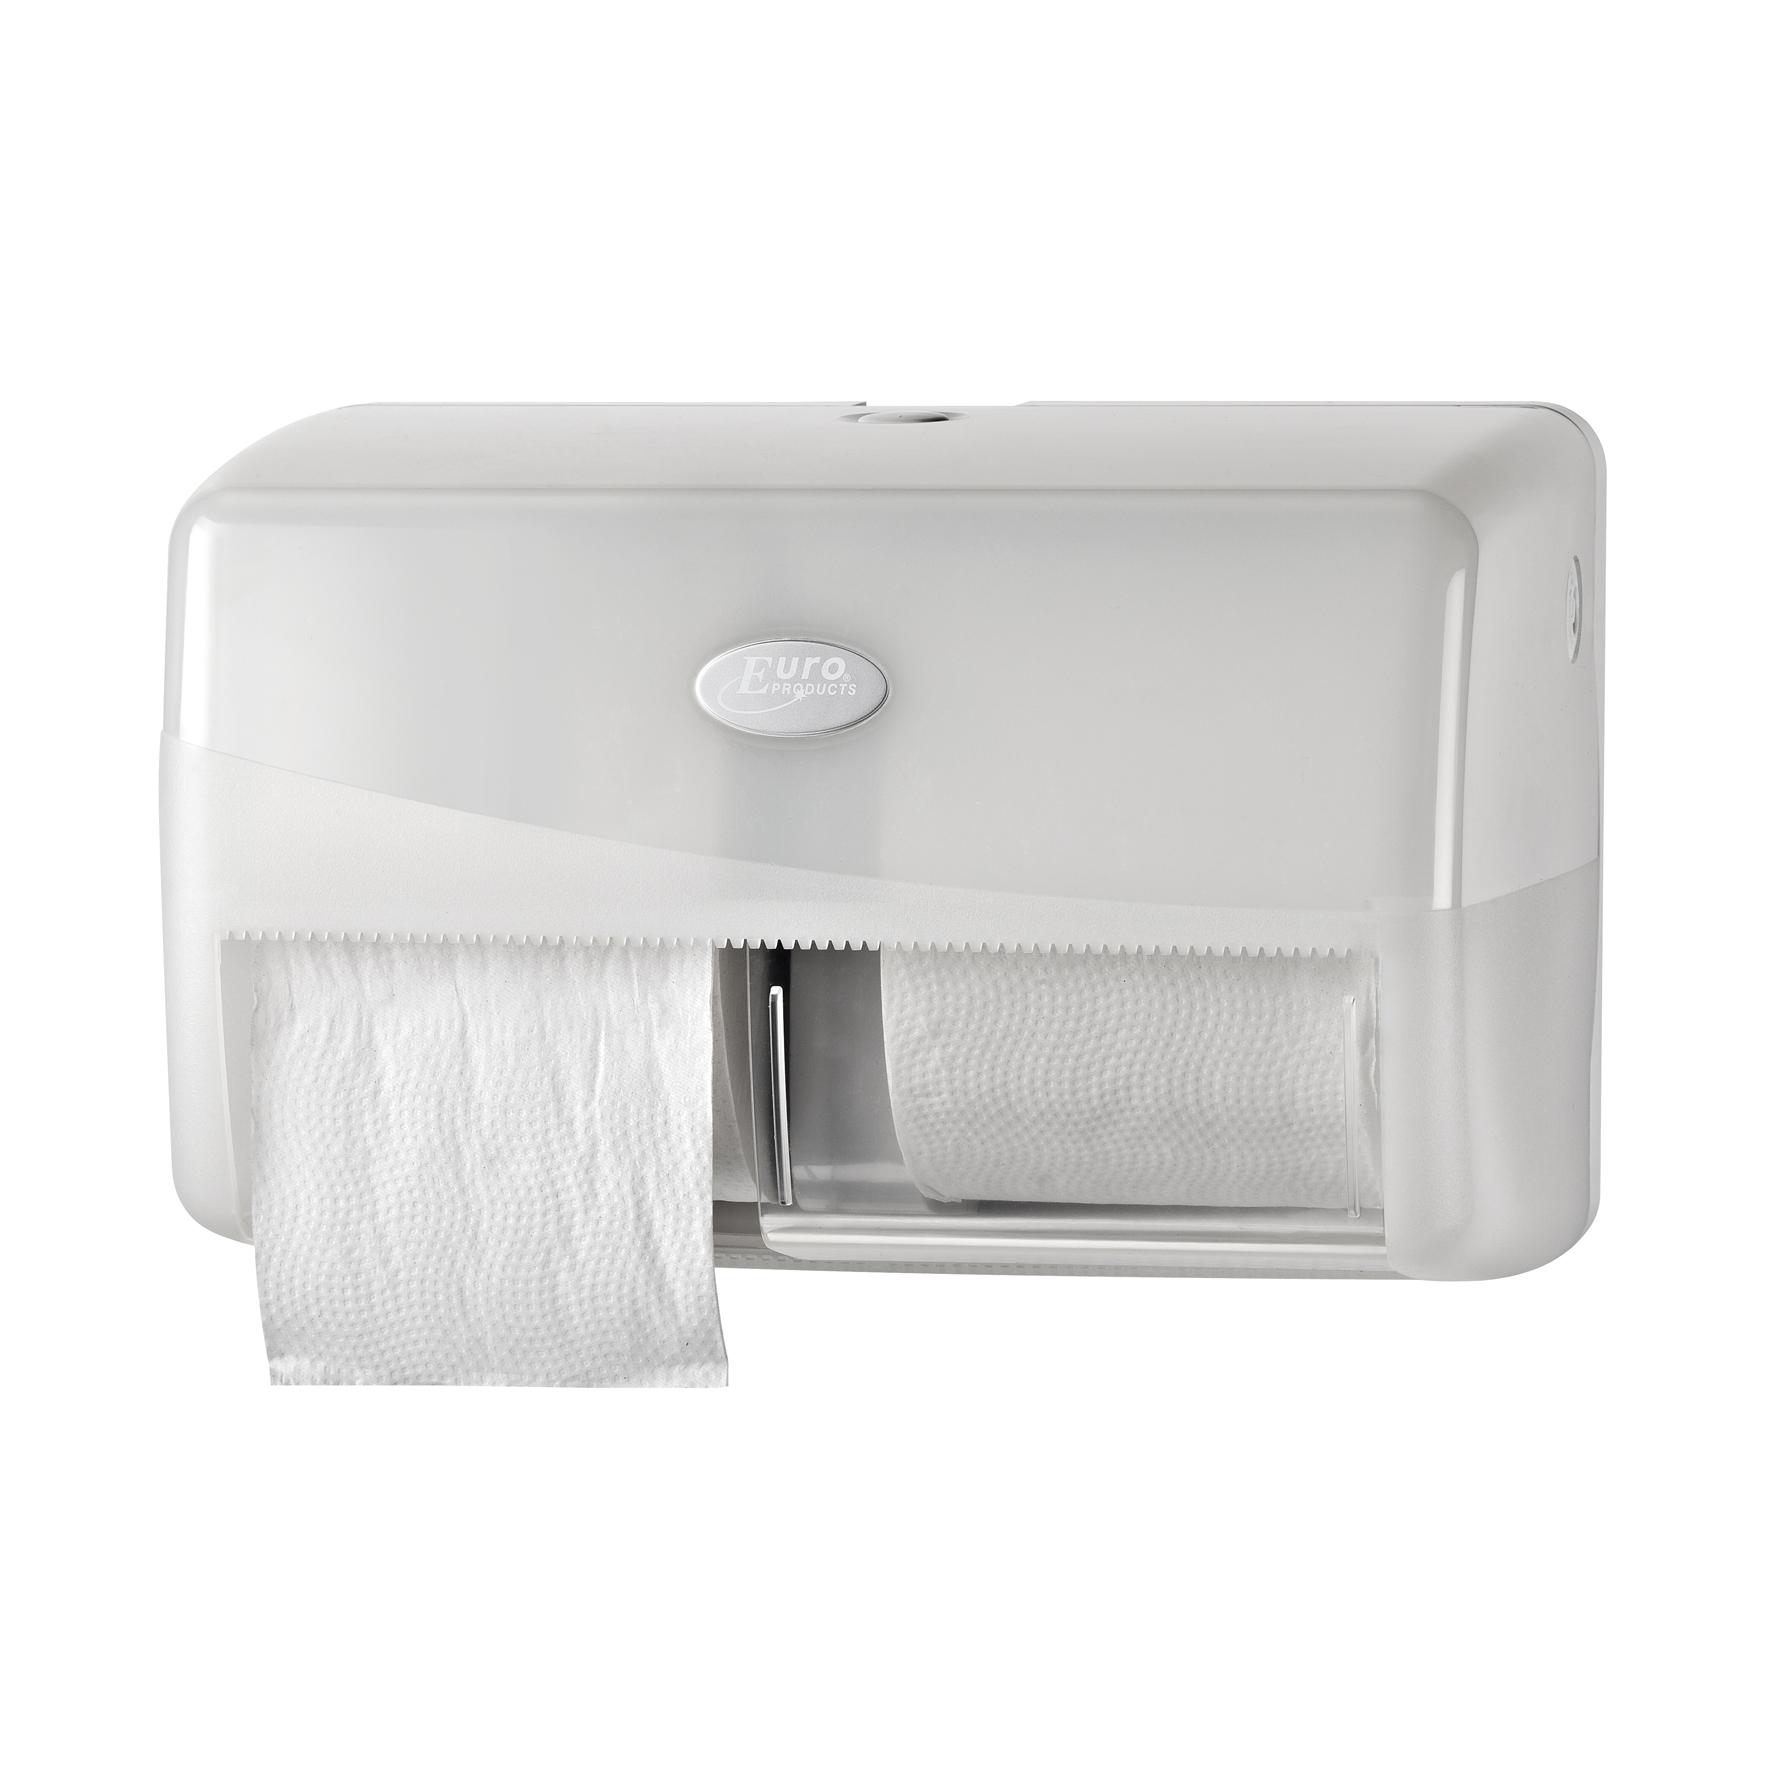 Toiletpapierdispensers